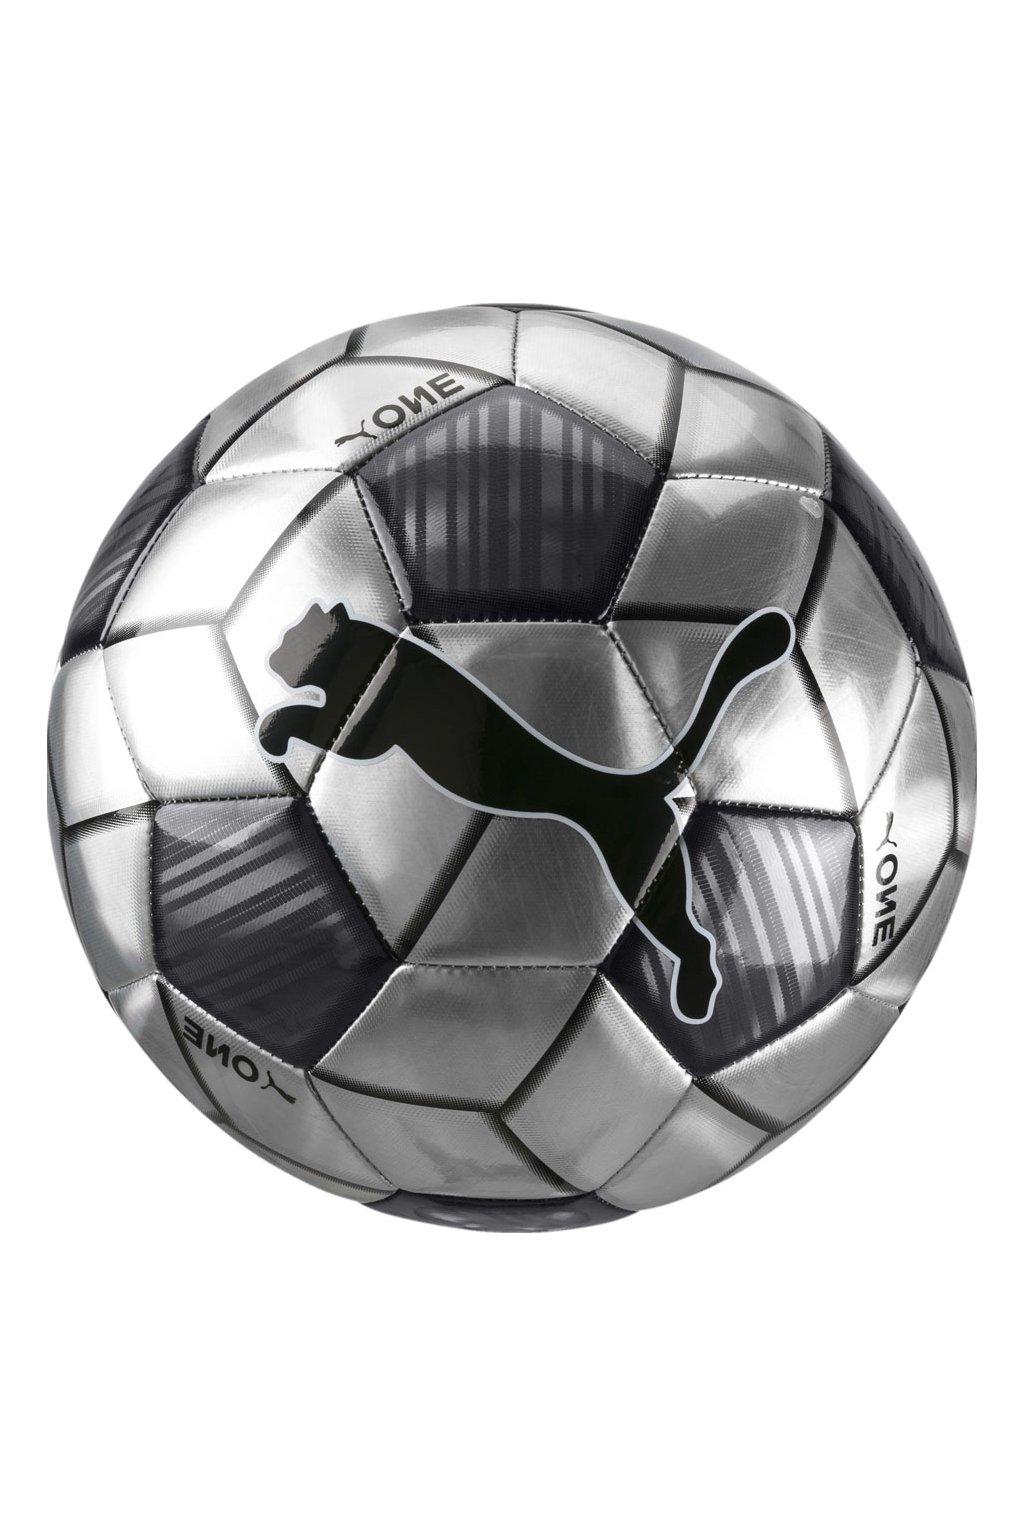 Futbalová lopta Puma One Strap sivá 083272 06